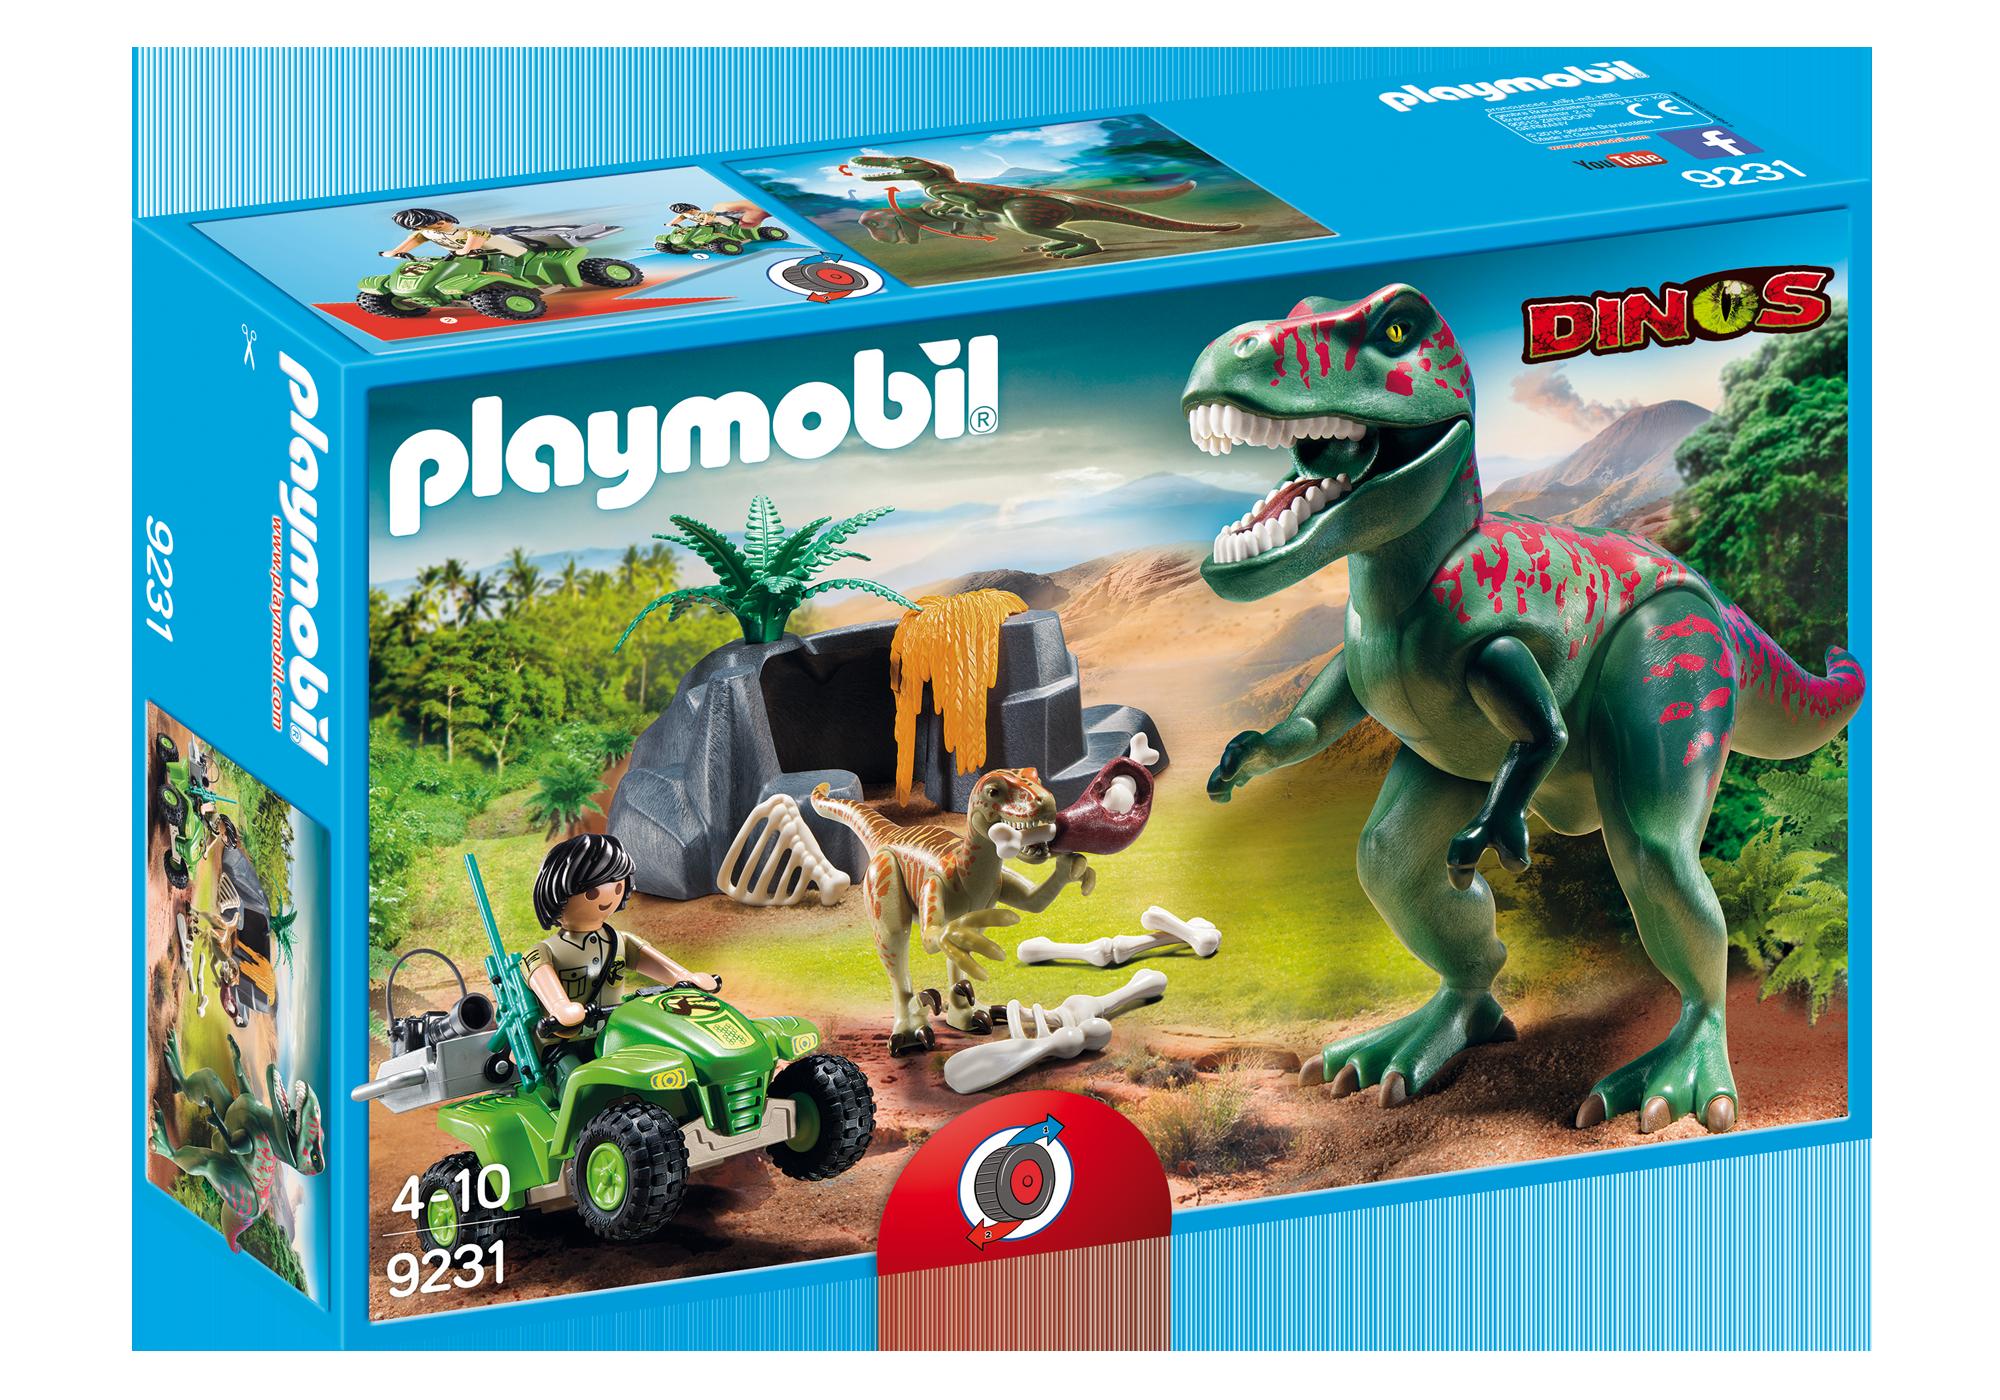 http://media.playmobil.com/i/playmobil/9231_product_box_front/Tiranossauro Rex com Explorador